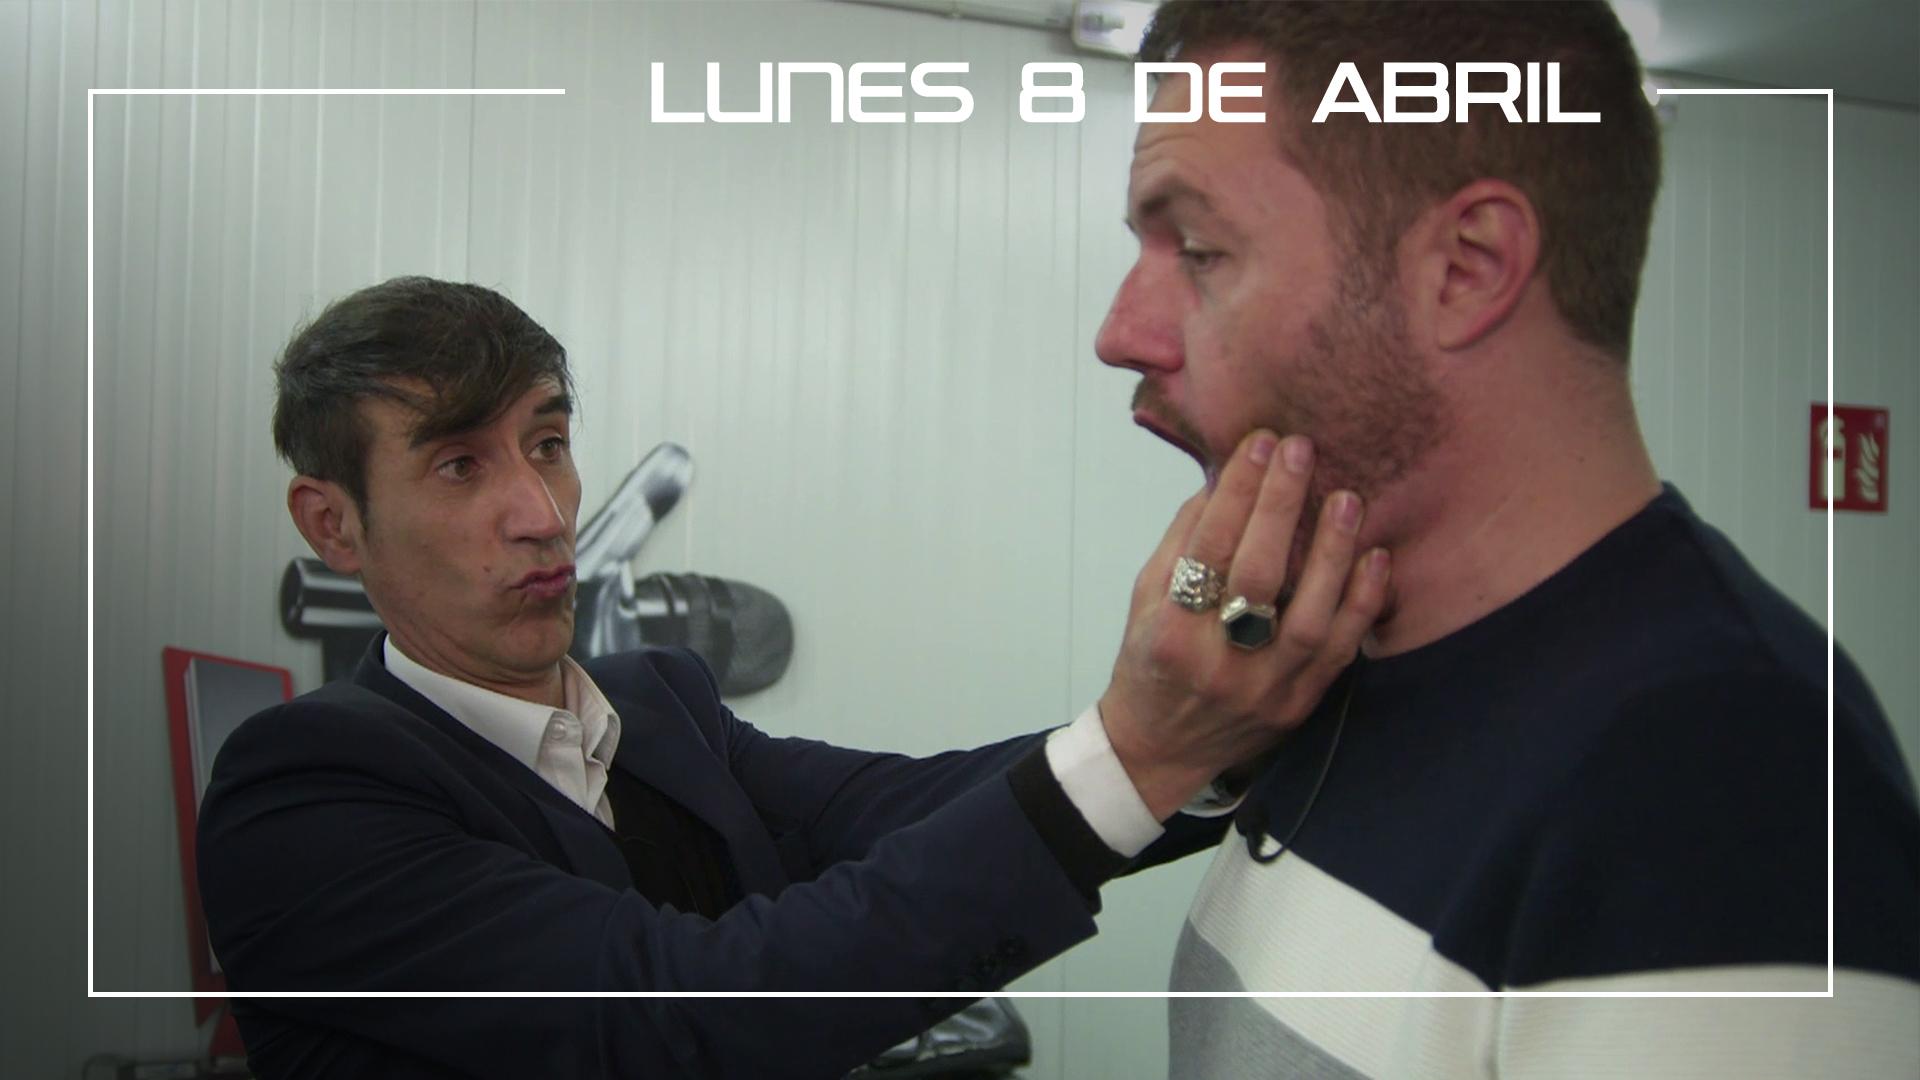 Lunes 8 de abril Ángel Cortés ensaya la canción 'Unchained Melody' con su vocal coach